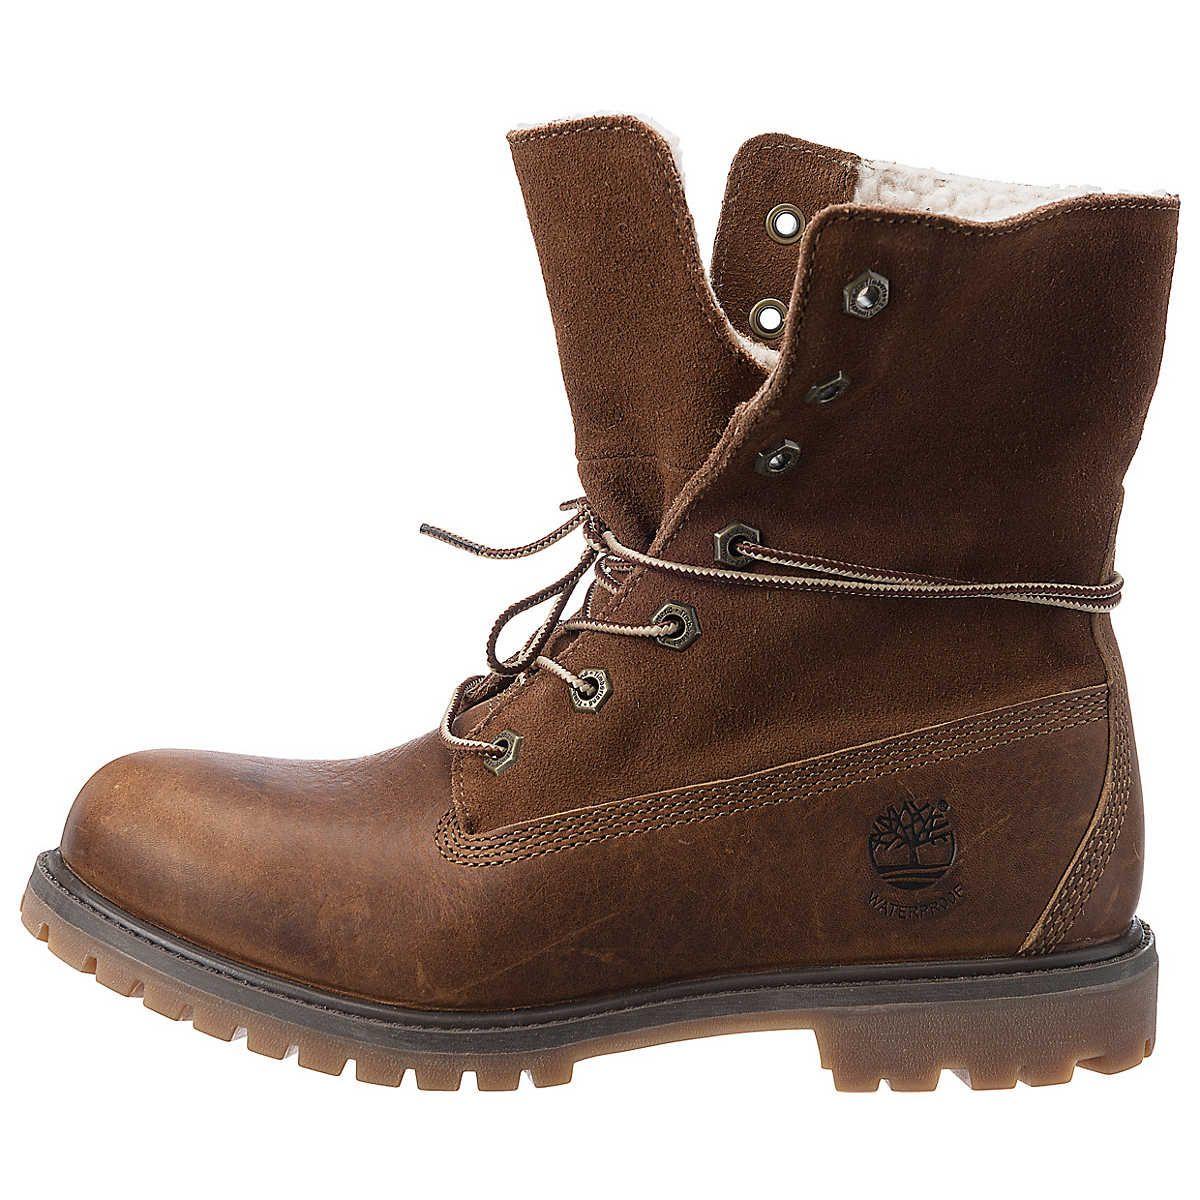 4b78eddcd9 Timberland Authentics Stiefeletten Timberland Schuhe Damen, Winterschuhe  Damen, Schuhe Sandalen, Kleidung, Taschen